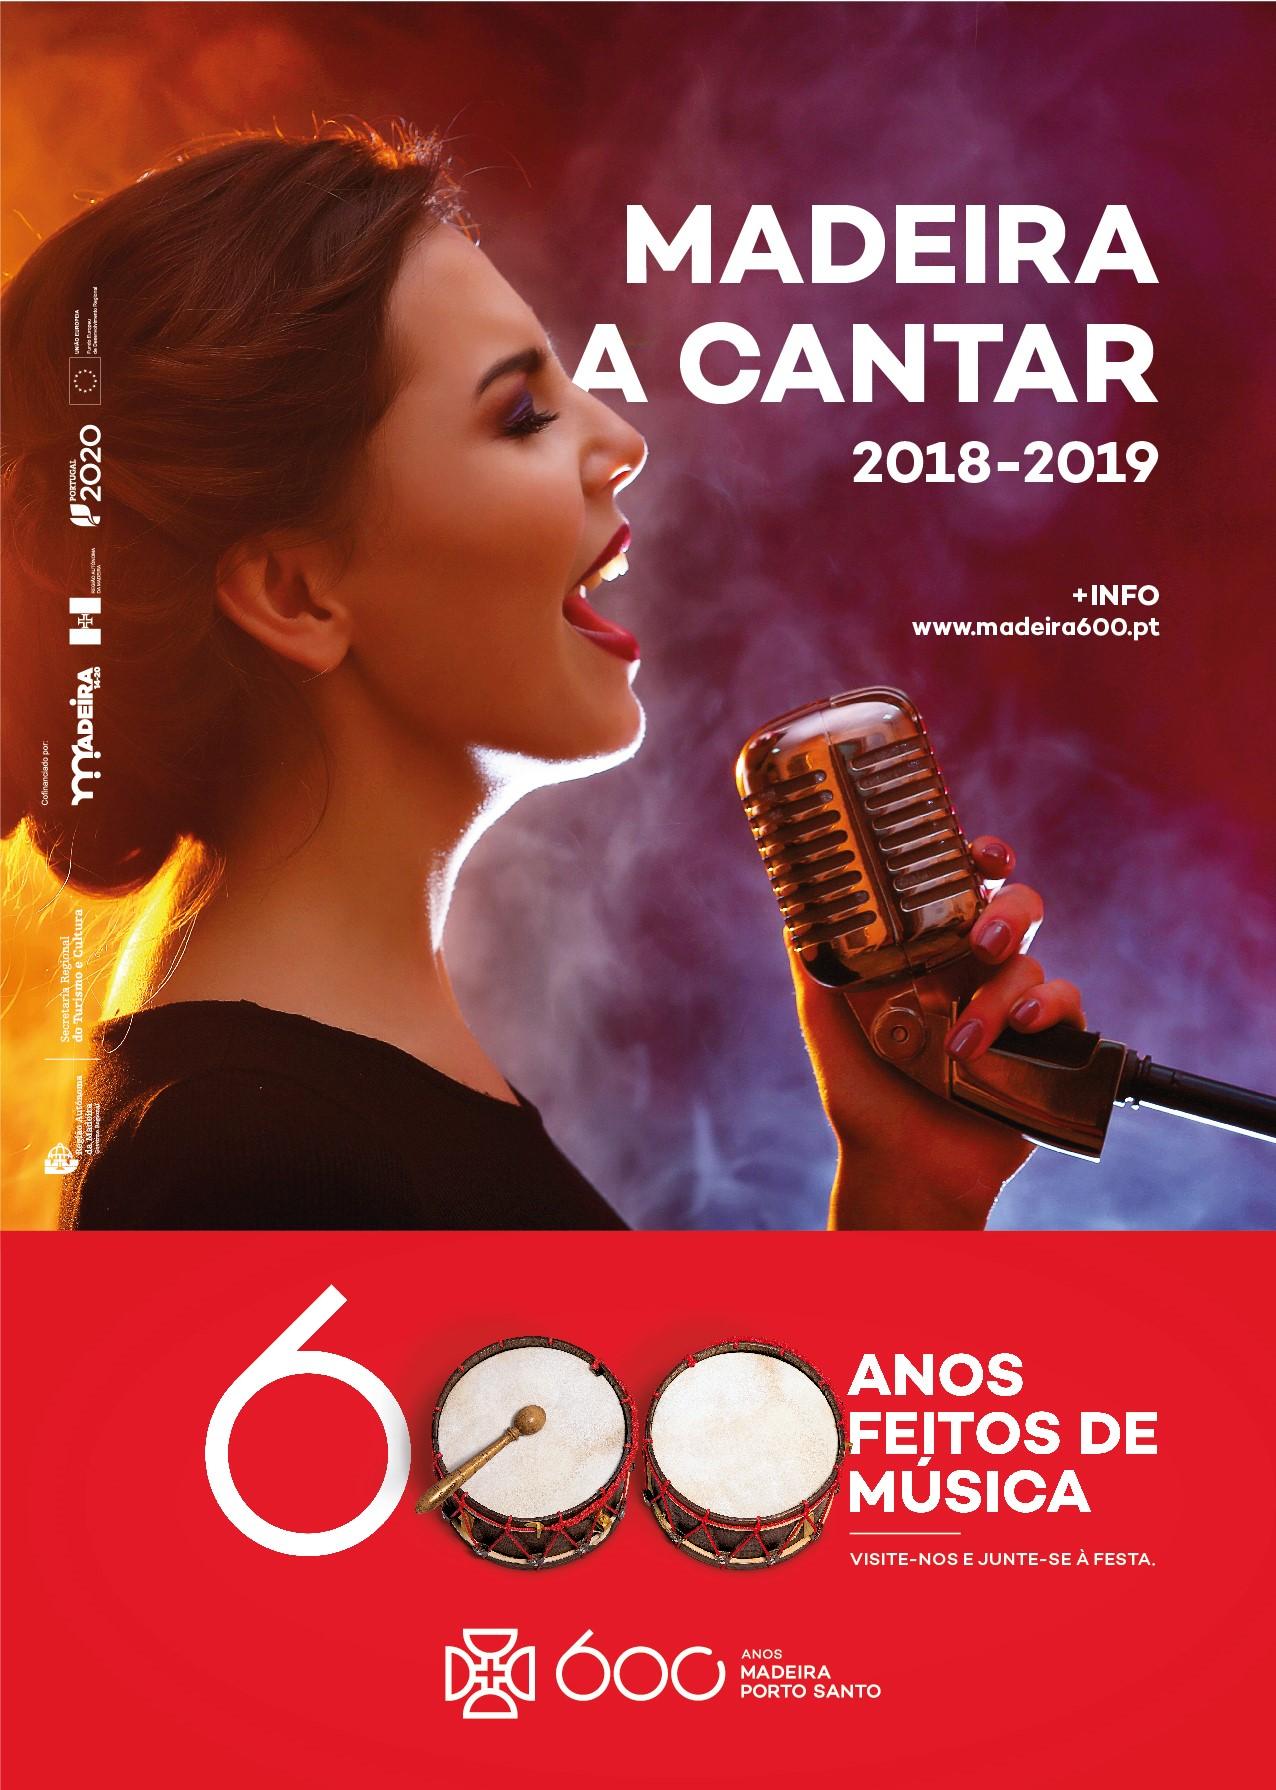 """7º Finalista do """" Madeira a Cantar"""" escolhido neste sábado, dia 10 de novembro, em Cãmara de Lobos"""